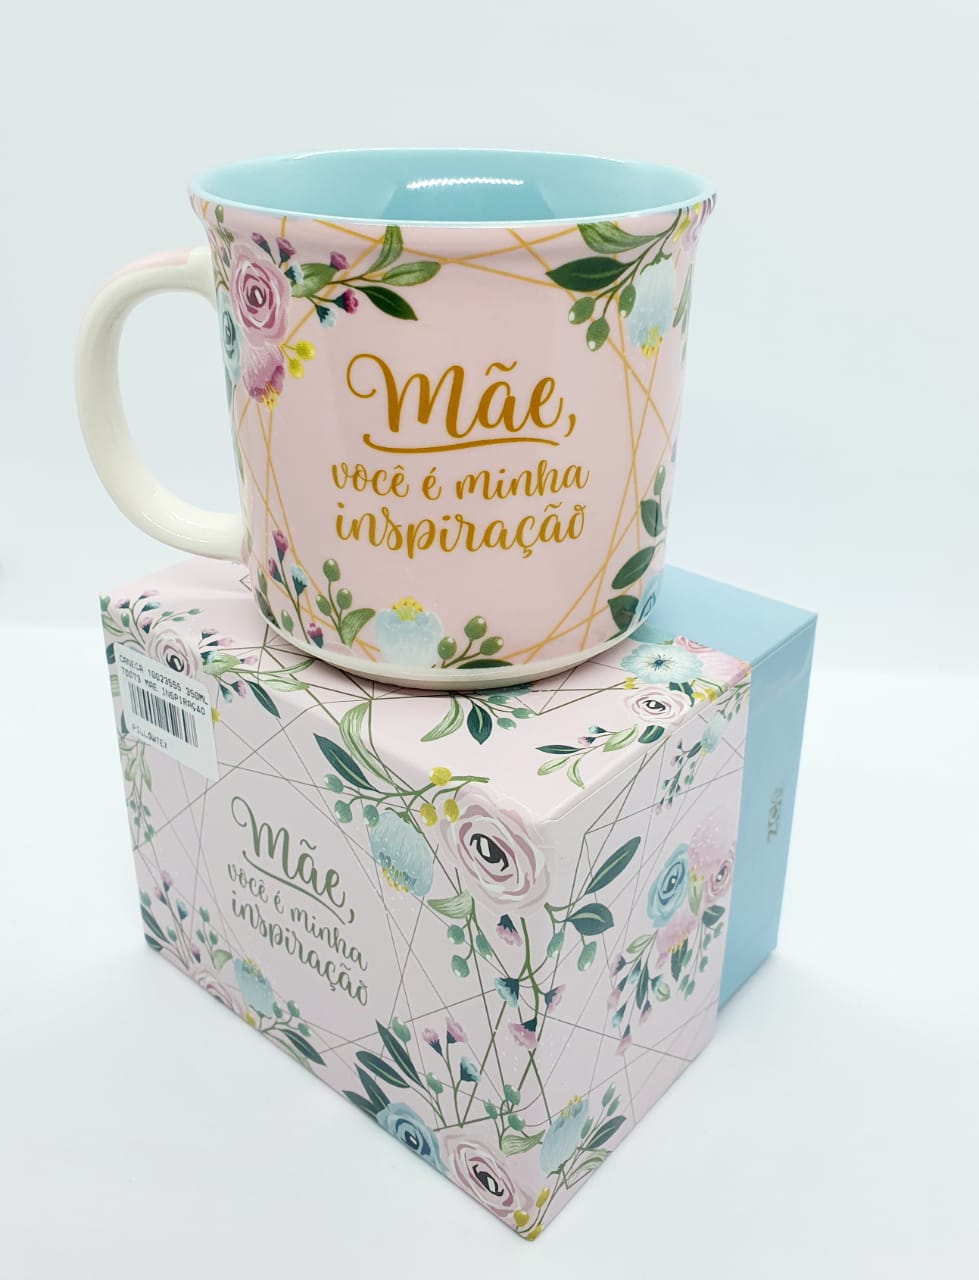 Caneca floral 350ml - Mãe você é minha inspiração